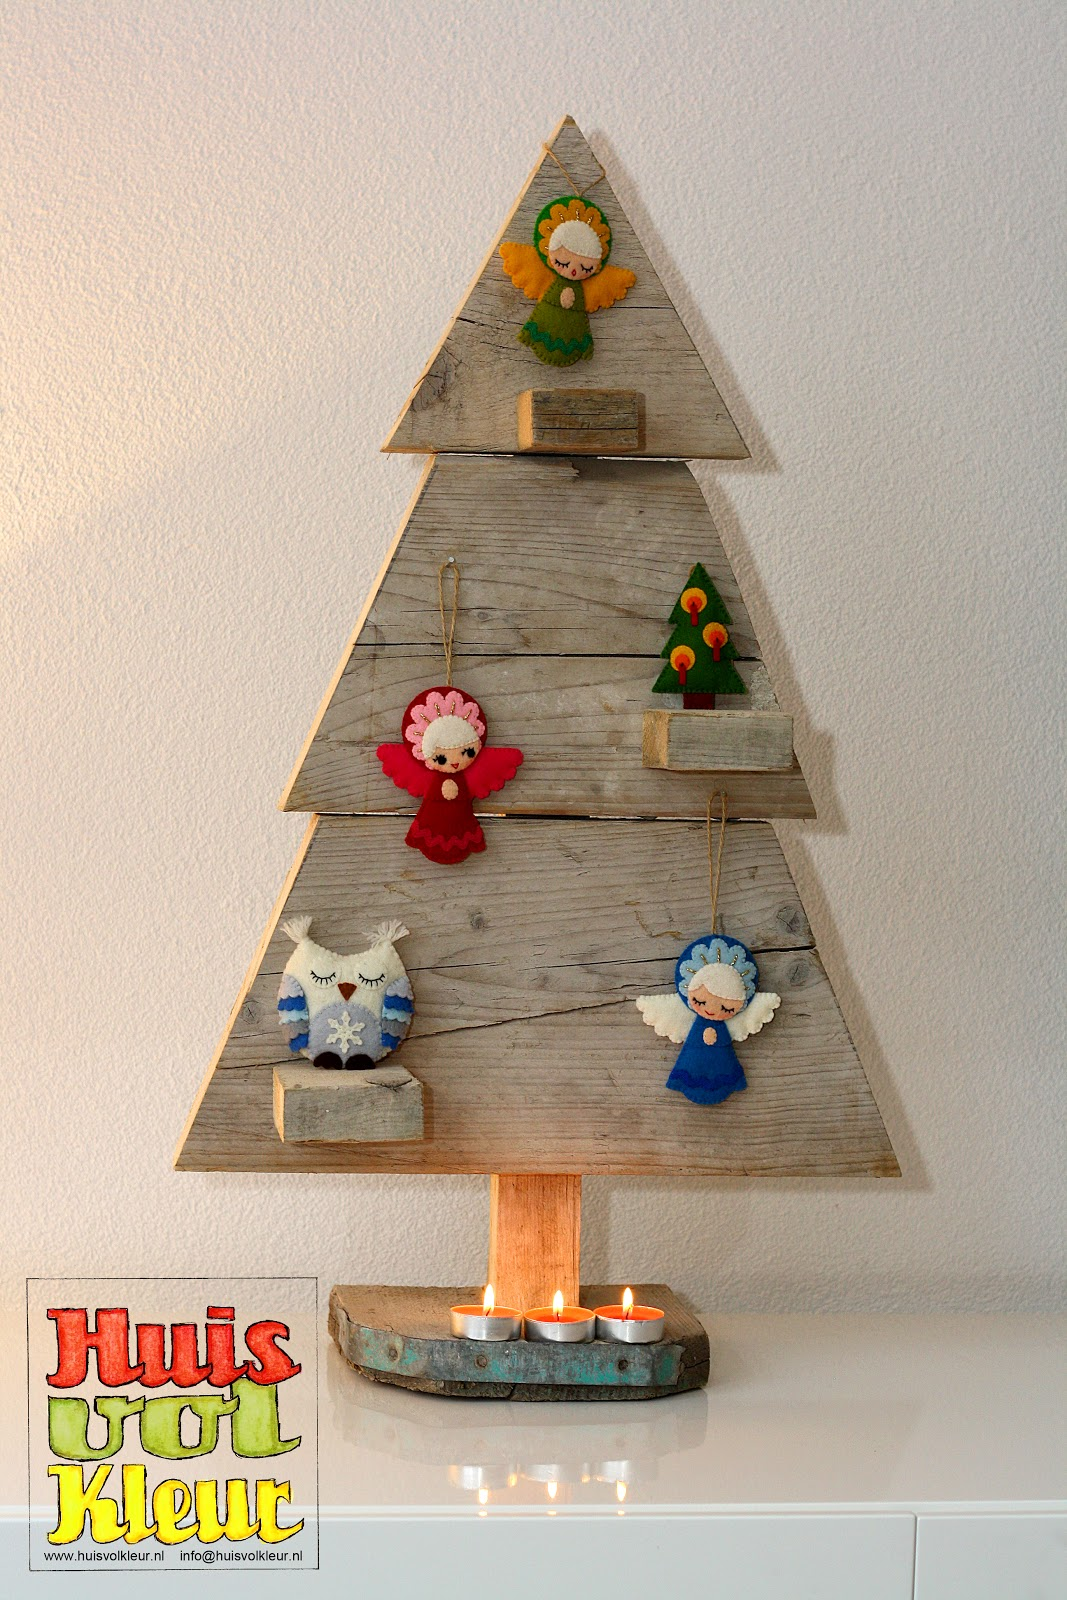 Huisvolkleur Houten Kerstboom